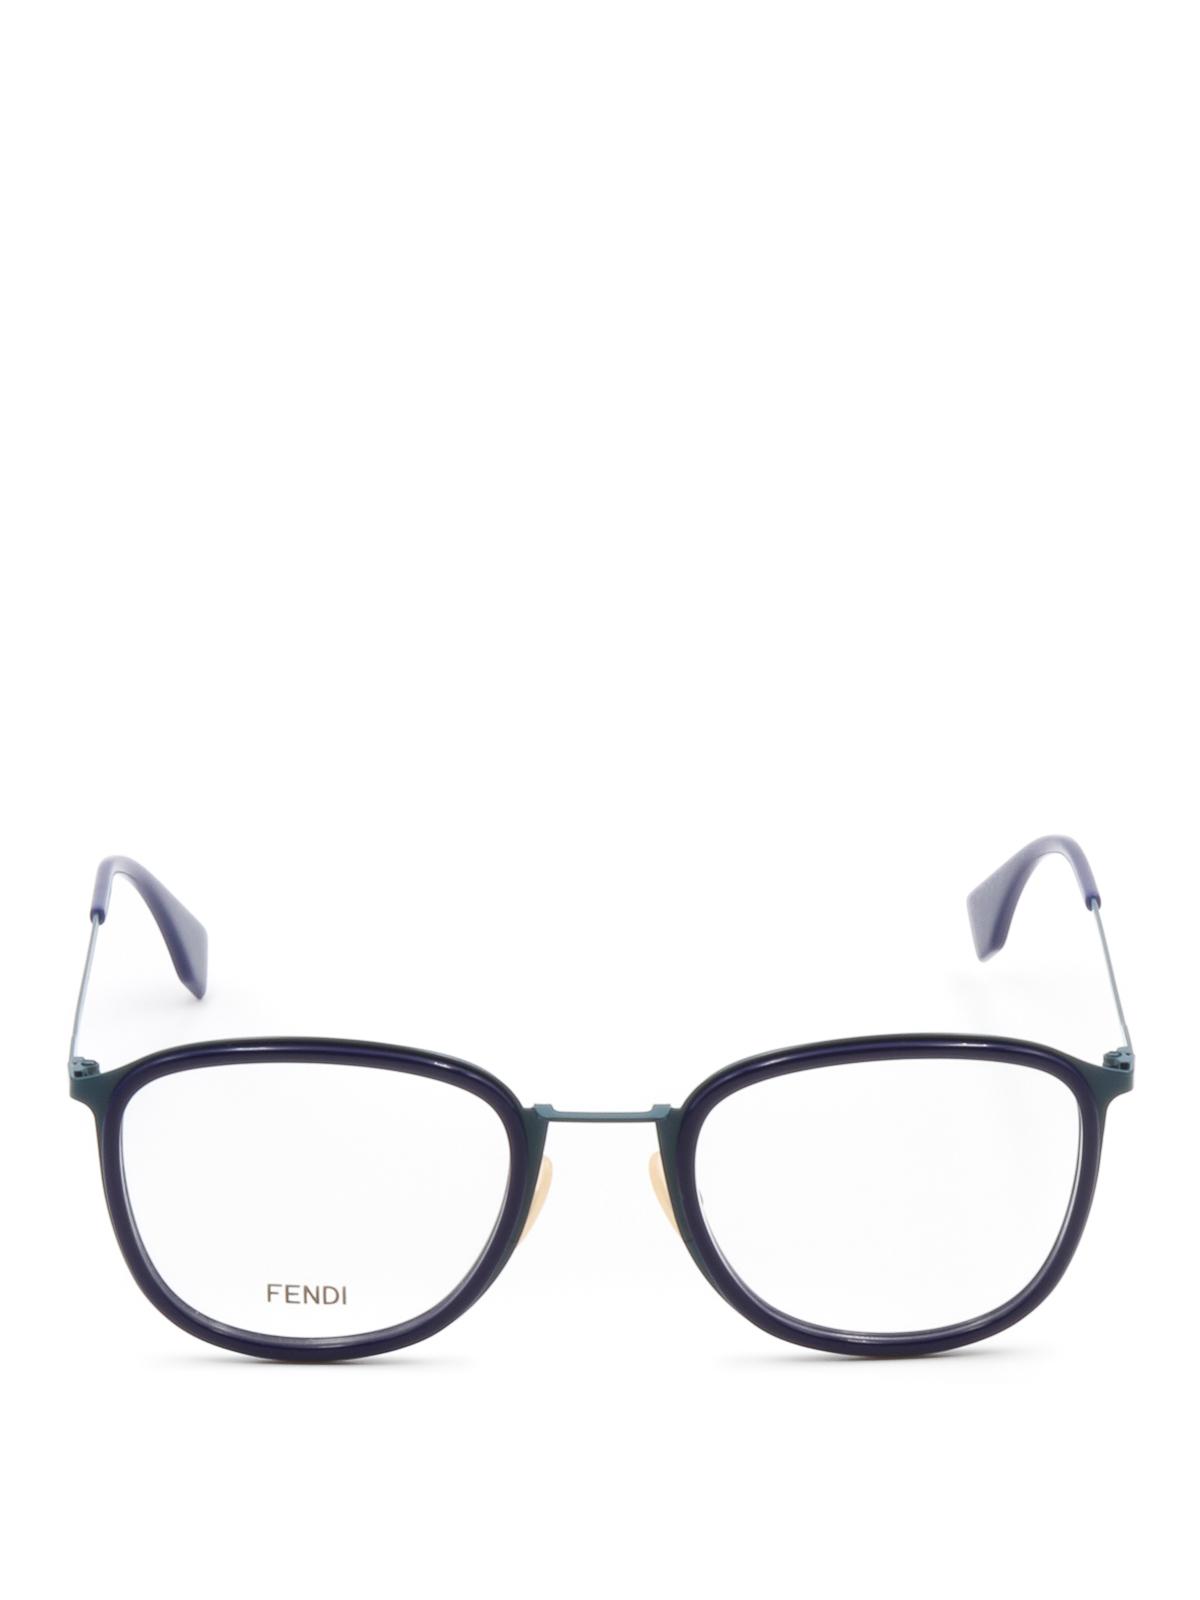 Slender frame eyeglasses by Fendi - glasses | Shop online at iKRIX ...